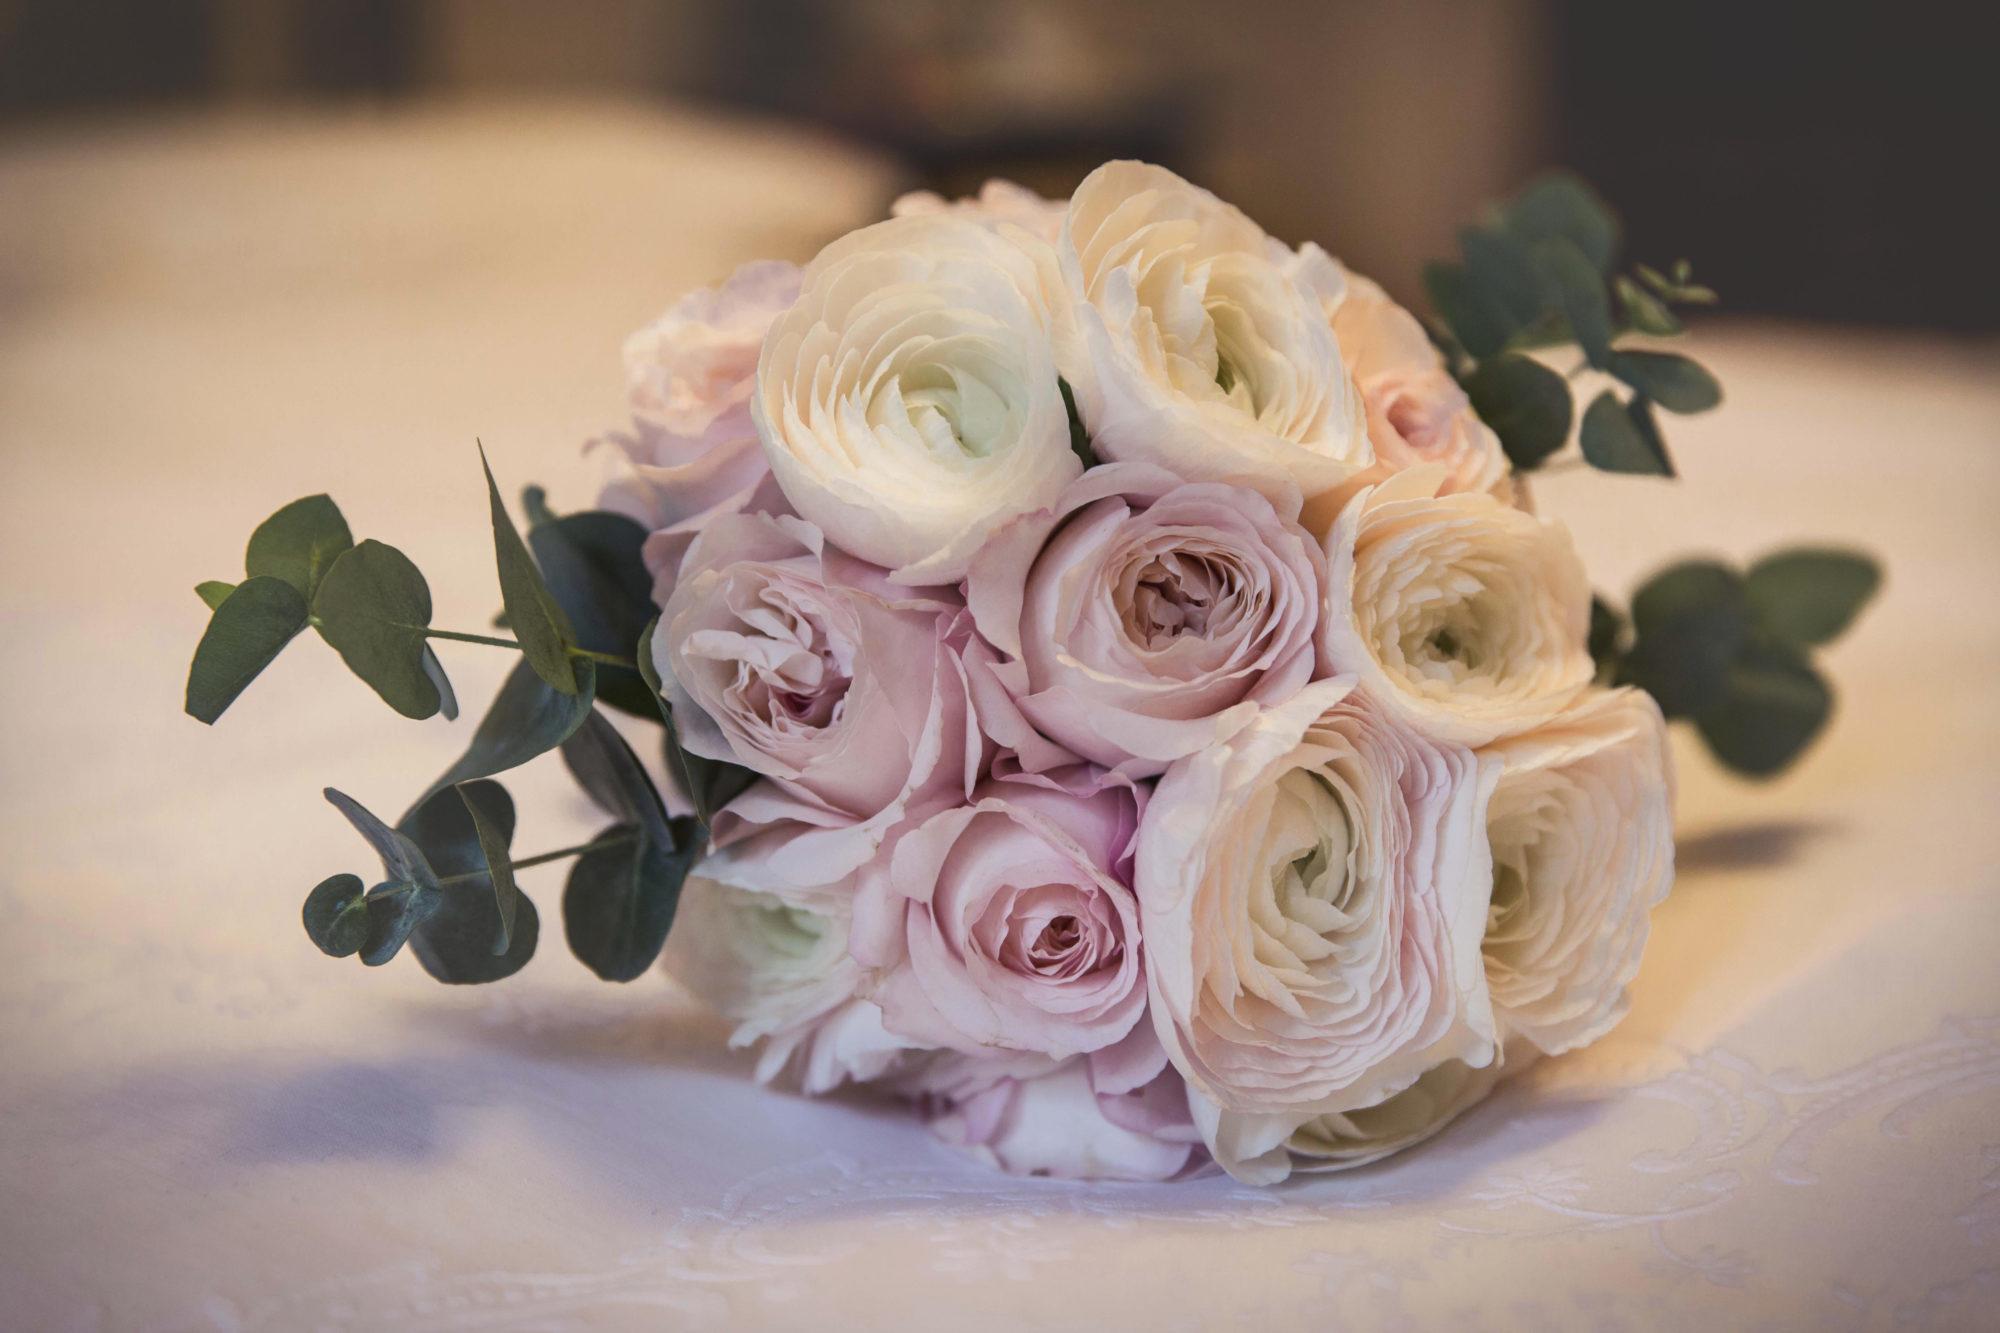 Bouquet Sposa 2018 Settembre.Fiori Matrimonio Settembre Come Creare La Composizione Ideale